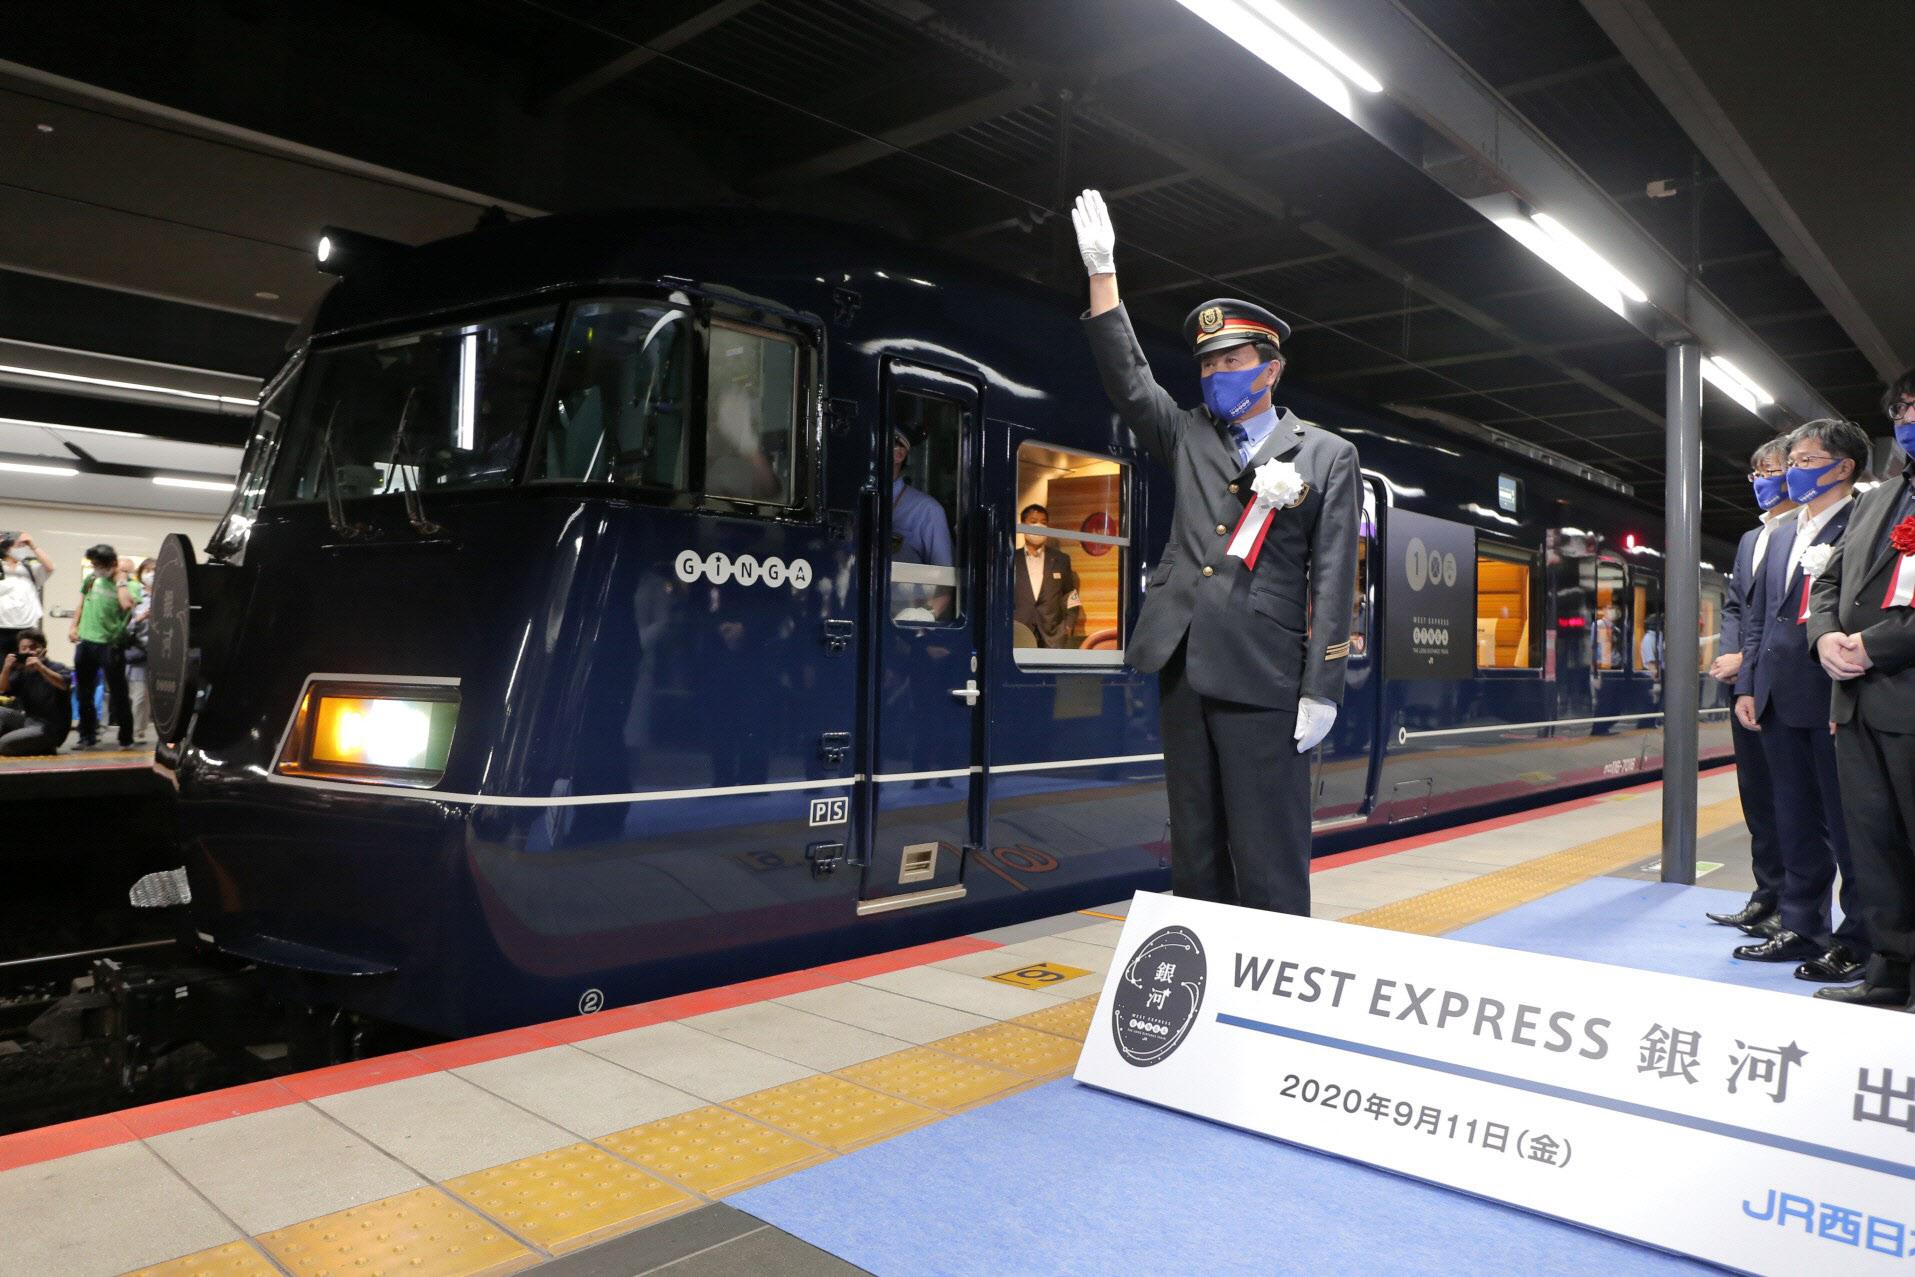 京都駅長の出発の合図で銀河は出雲市駅までの旅路に踏み出した(11日夜、京都駅)